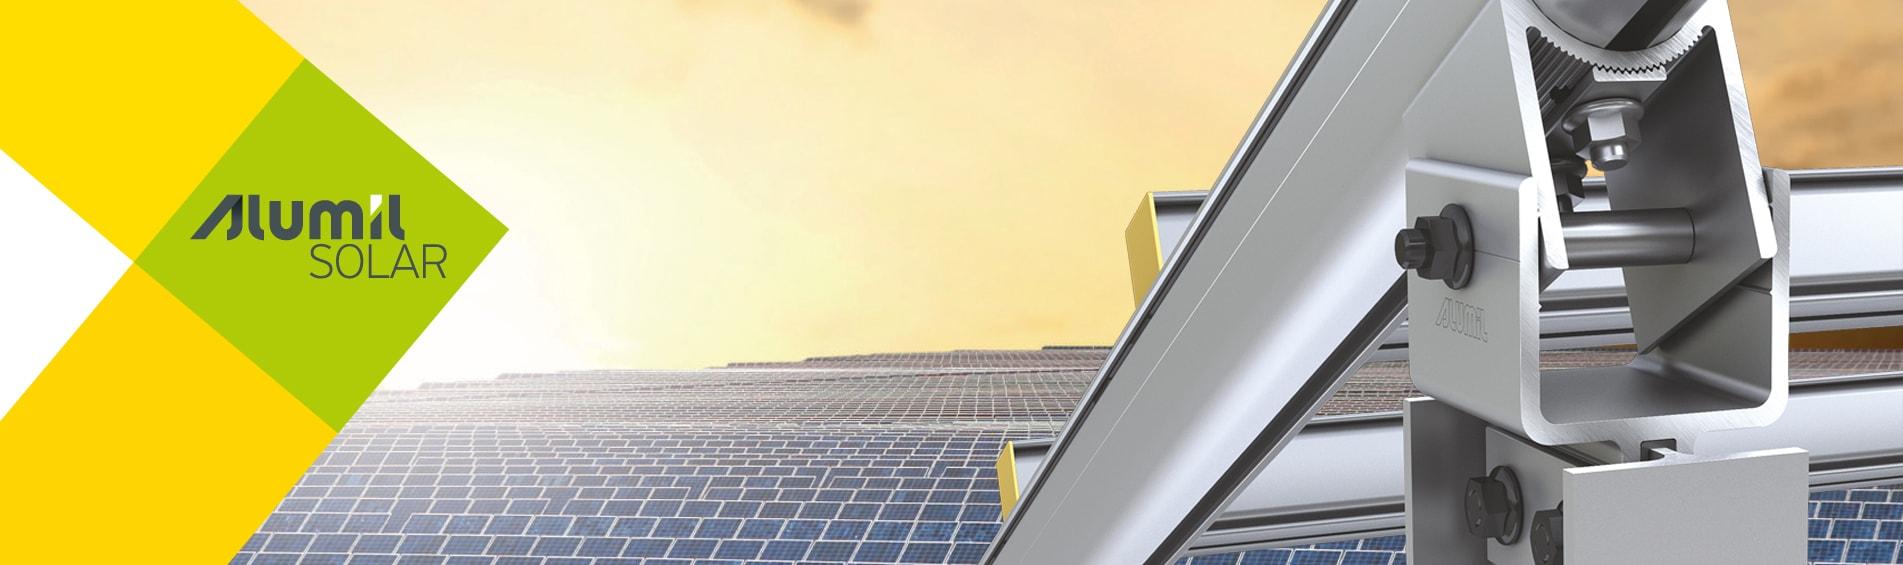 ALUMIL Solar